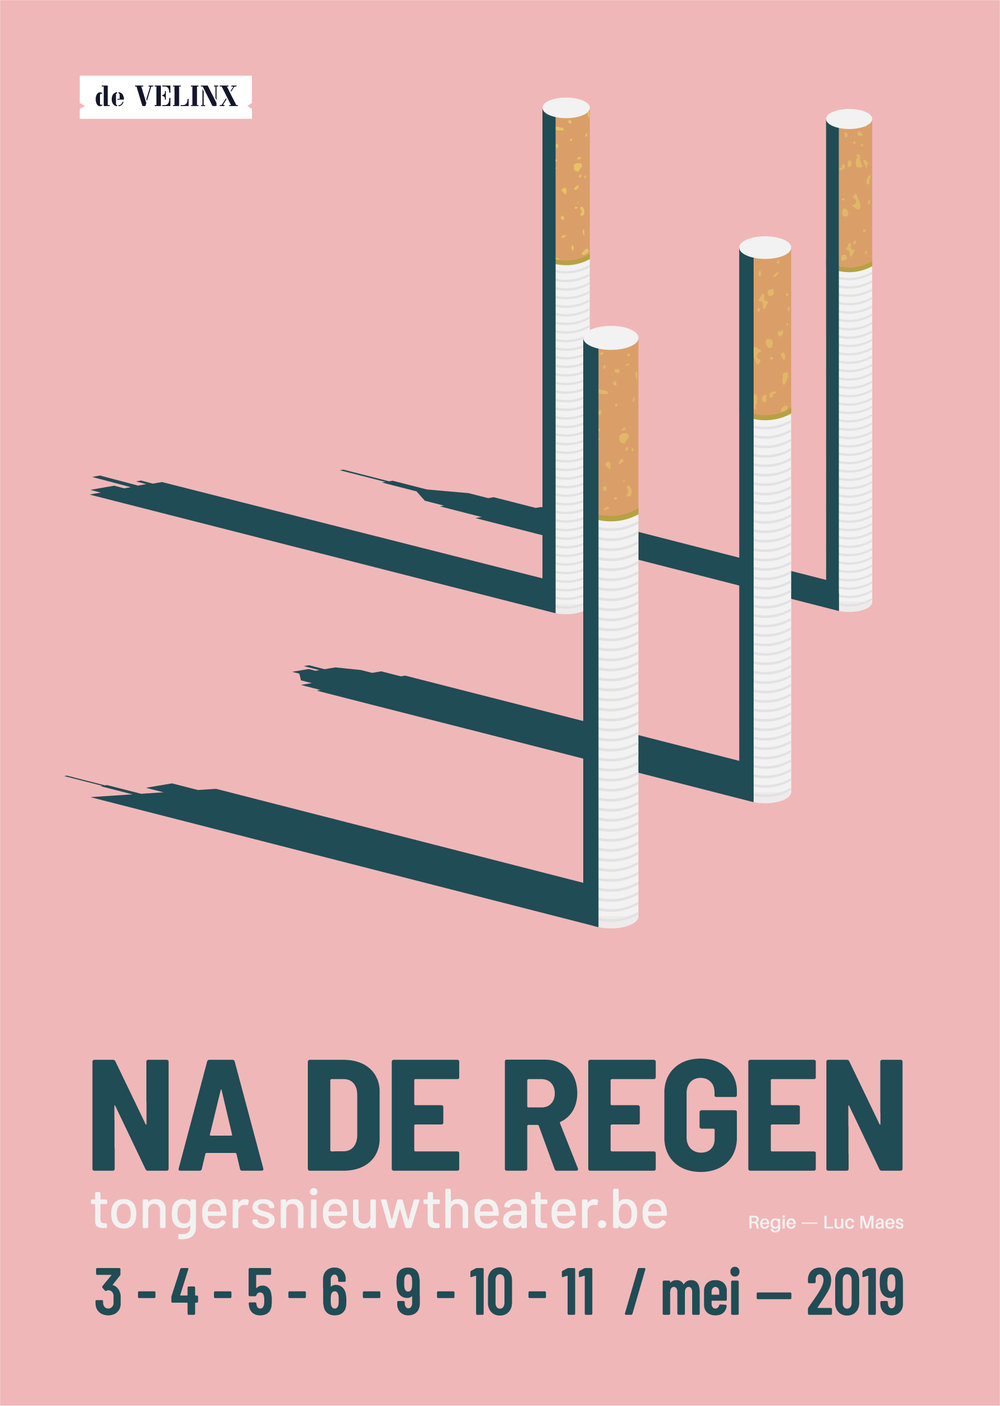 NaDeRegen_A3_web-01.jpg